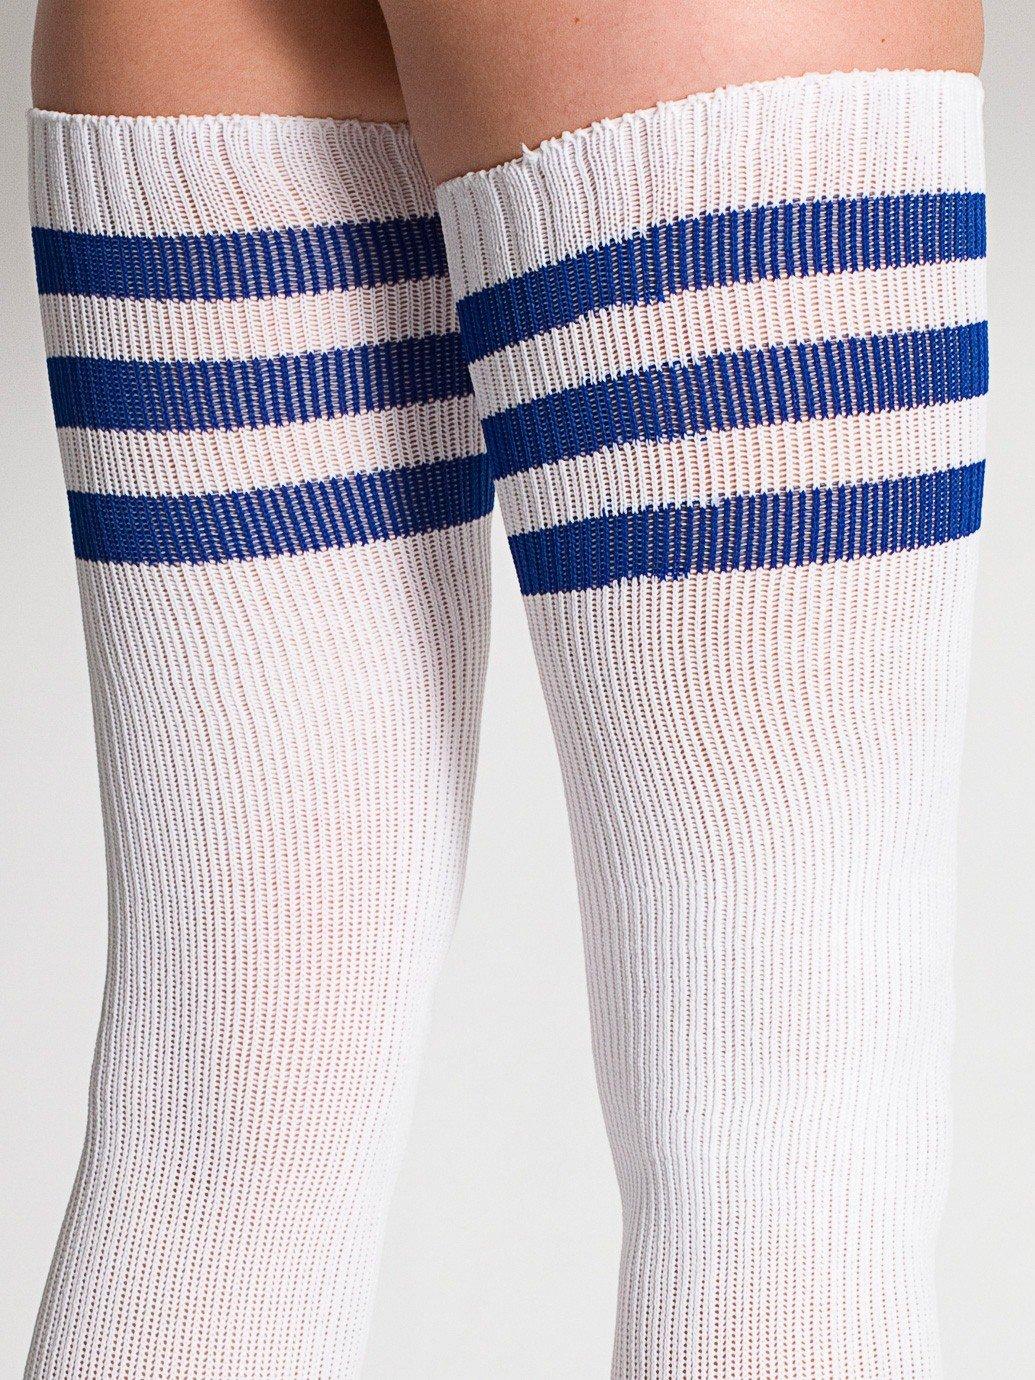 b3eed2ad2f ... American Apparel Stripe Thigh-High Socks Female Blue ...